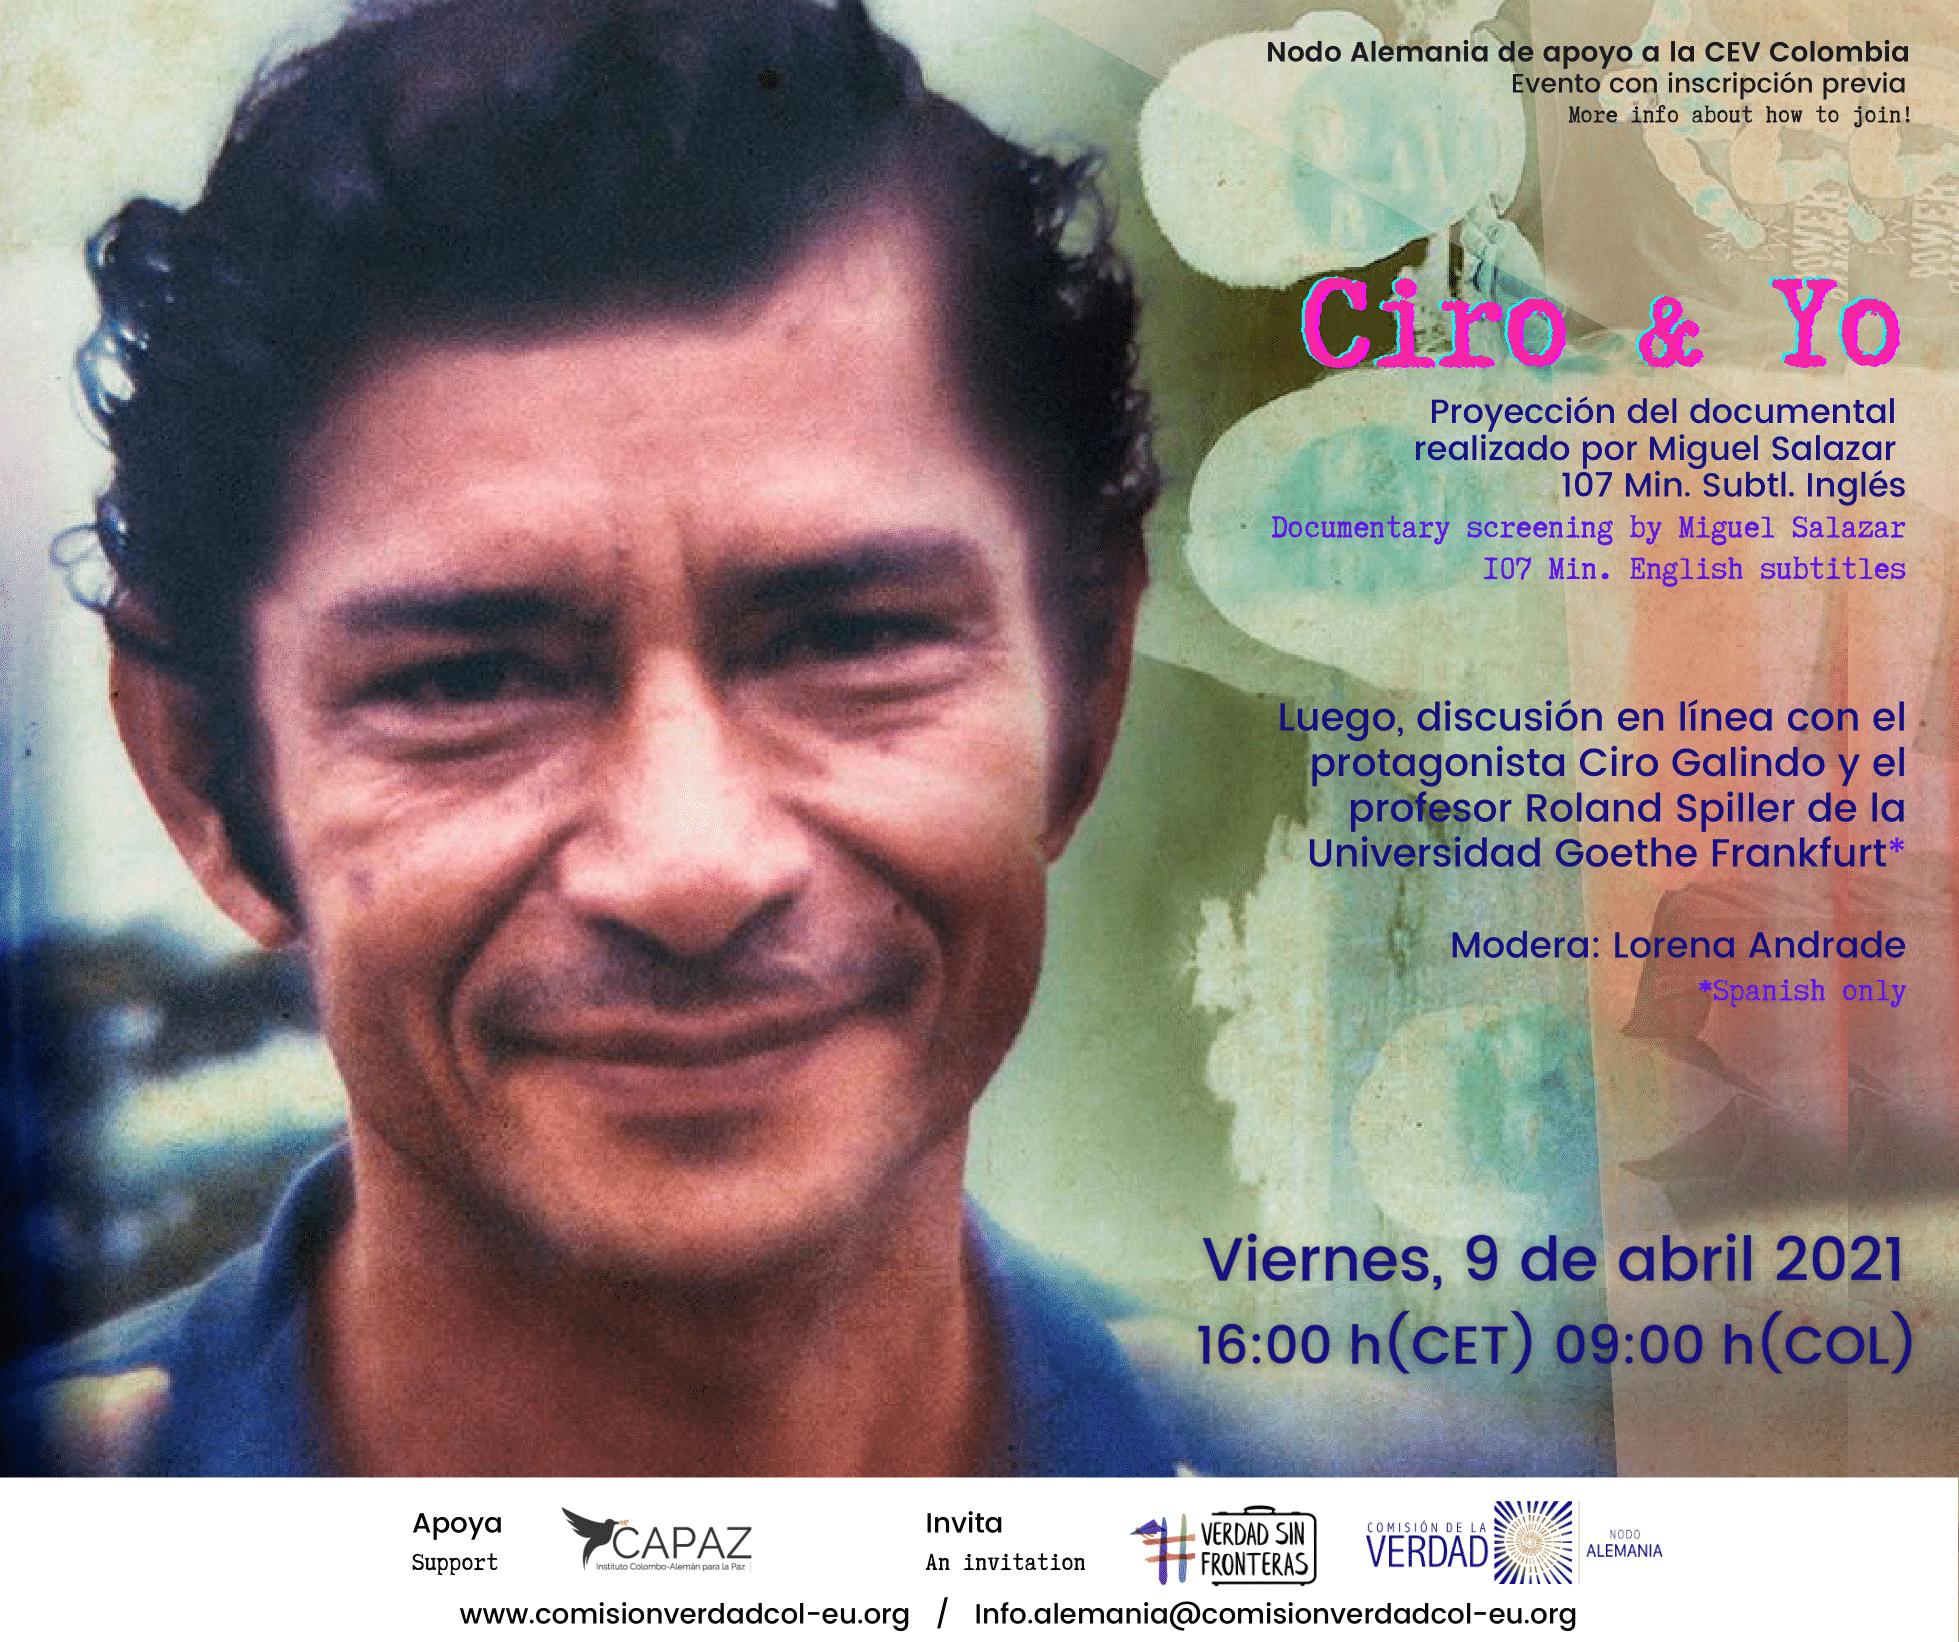 Ciro y yo es un documental colombiano que trata sobre el conflicto armado. El Nodo Alemania organizará un evento virtual de proyección de la película y un conversatorio.